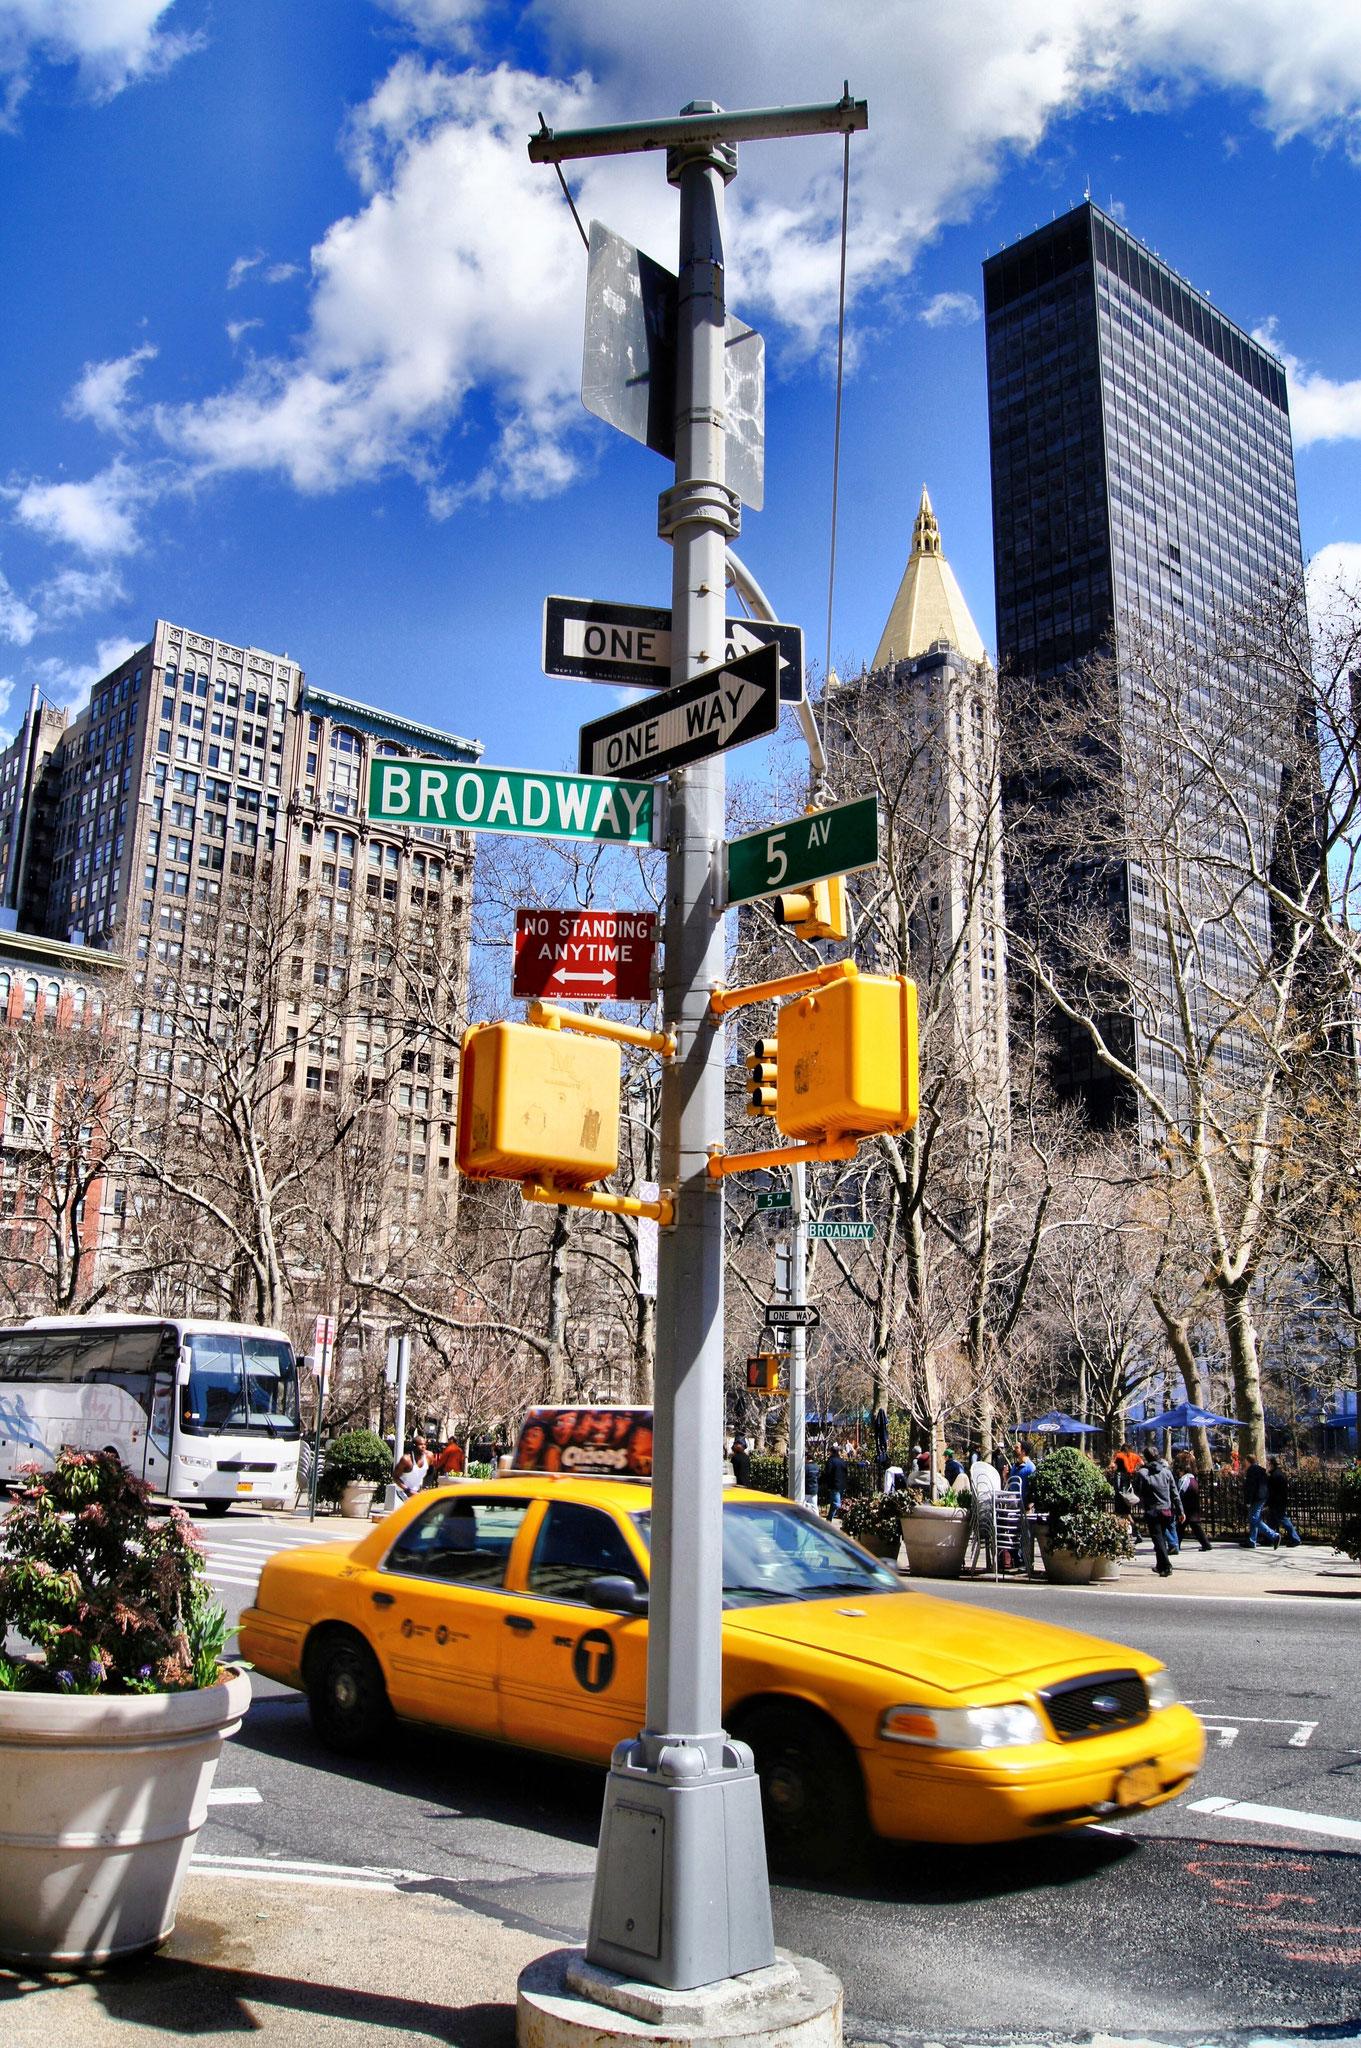 Typisches Stadtbild mit gelbem Taxi